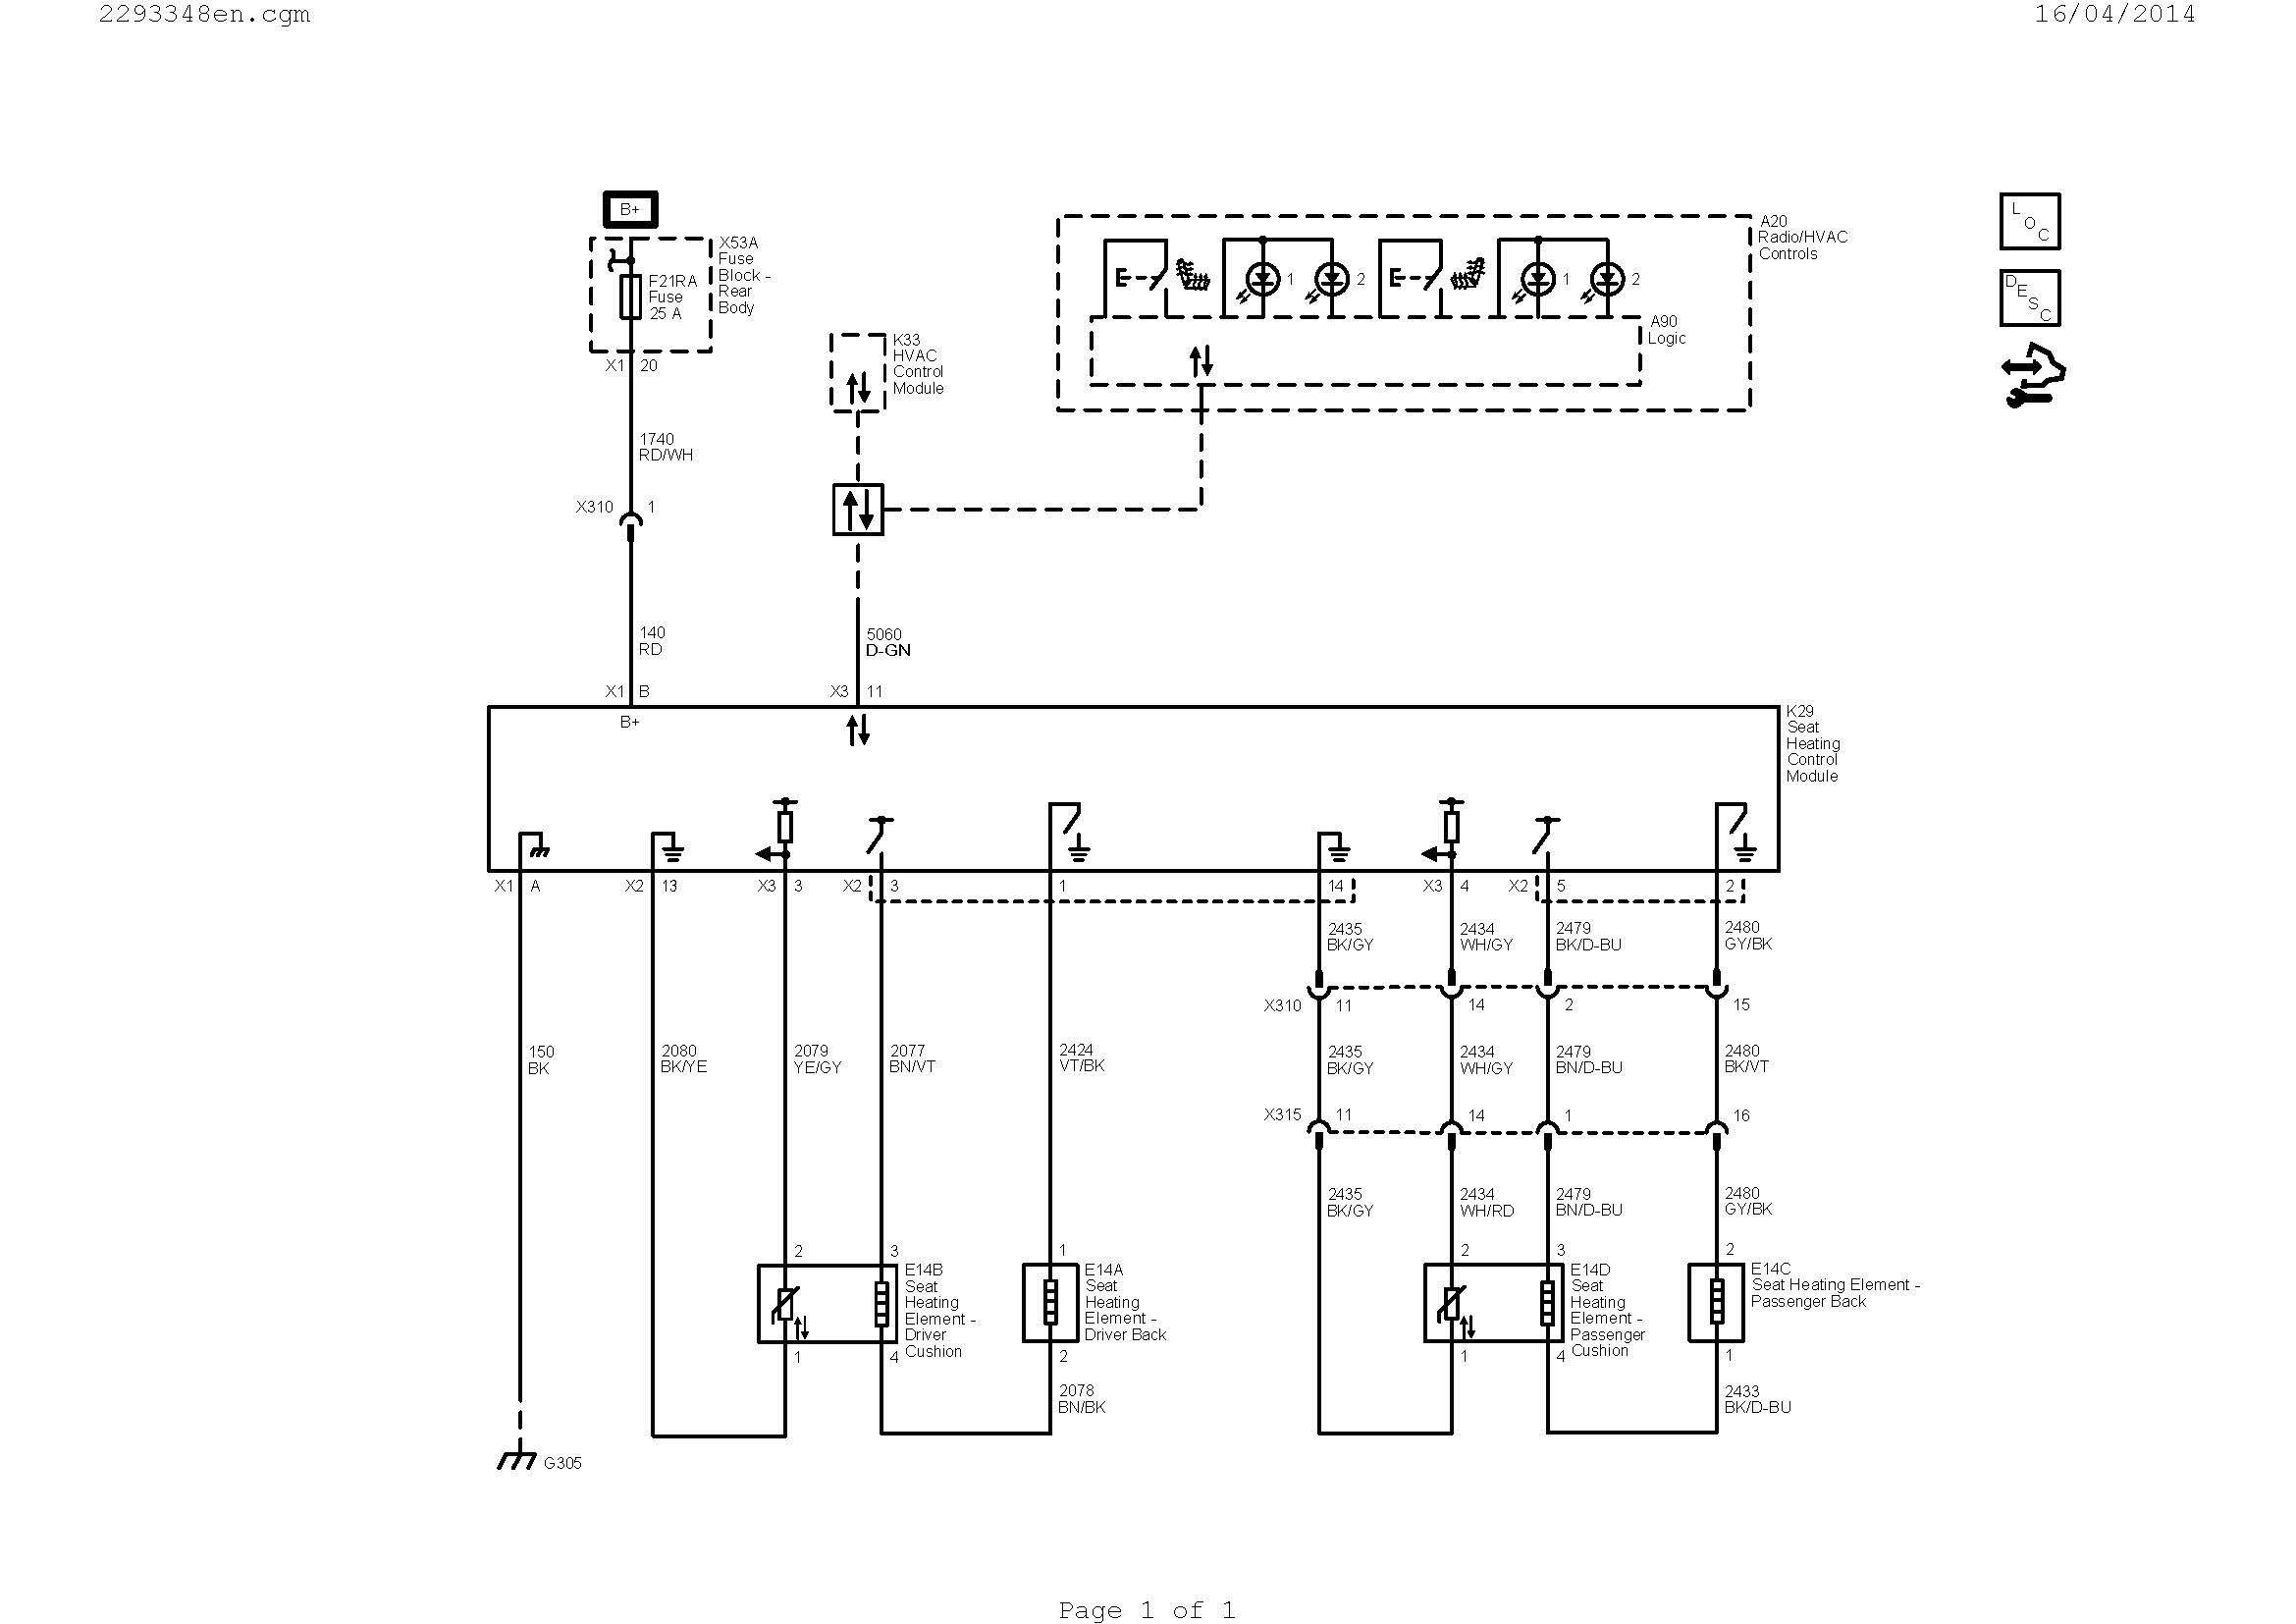 alpine backup camera wiring diagram free wiring diagram FleetMatics Wiring Diagram Install Hardware alpine backup camera wiring diagram